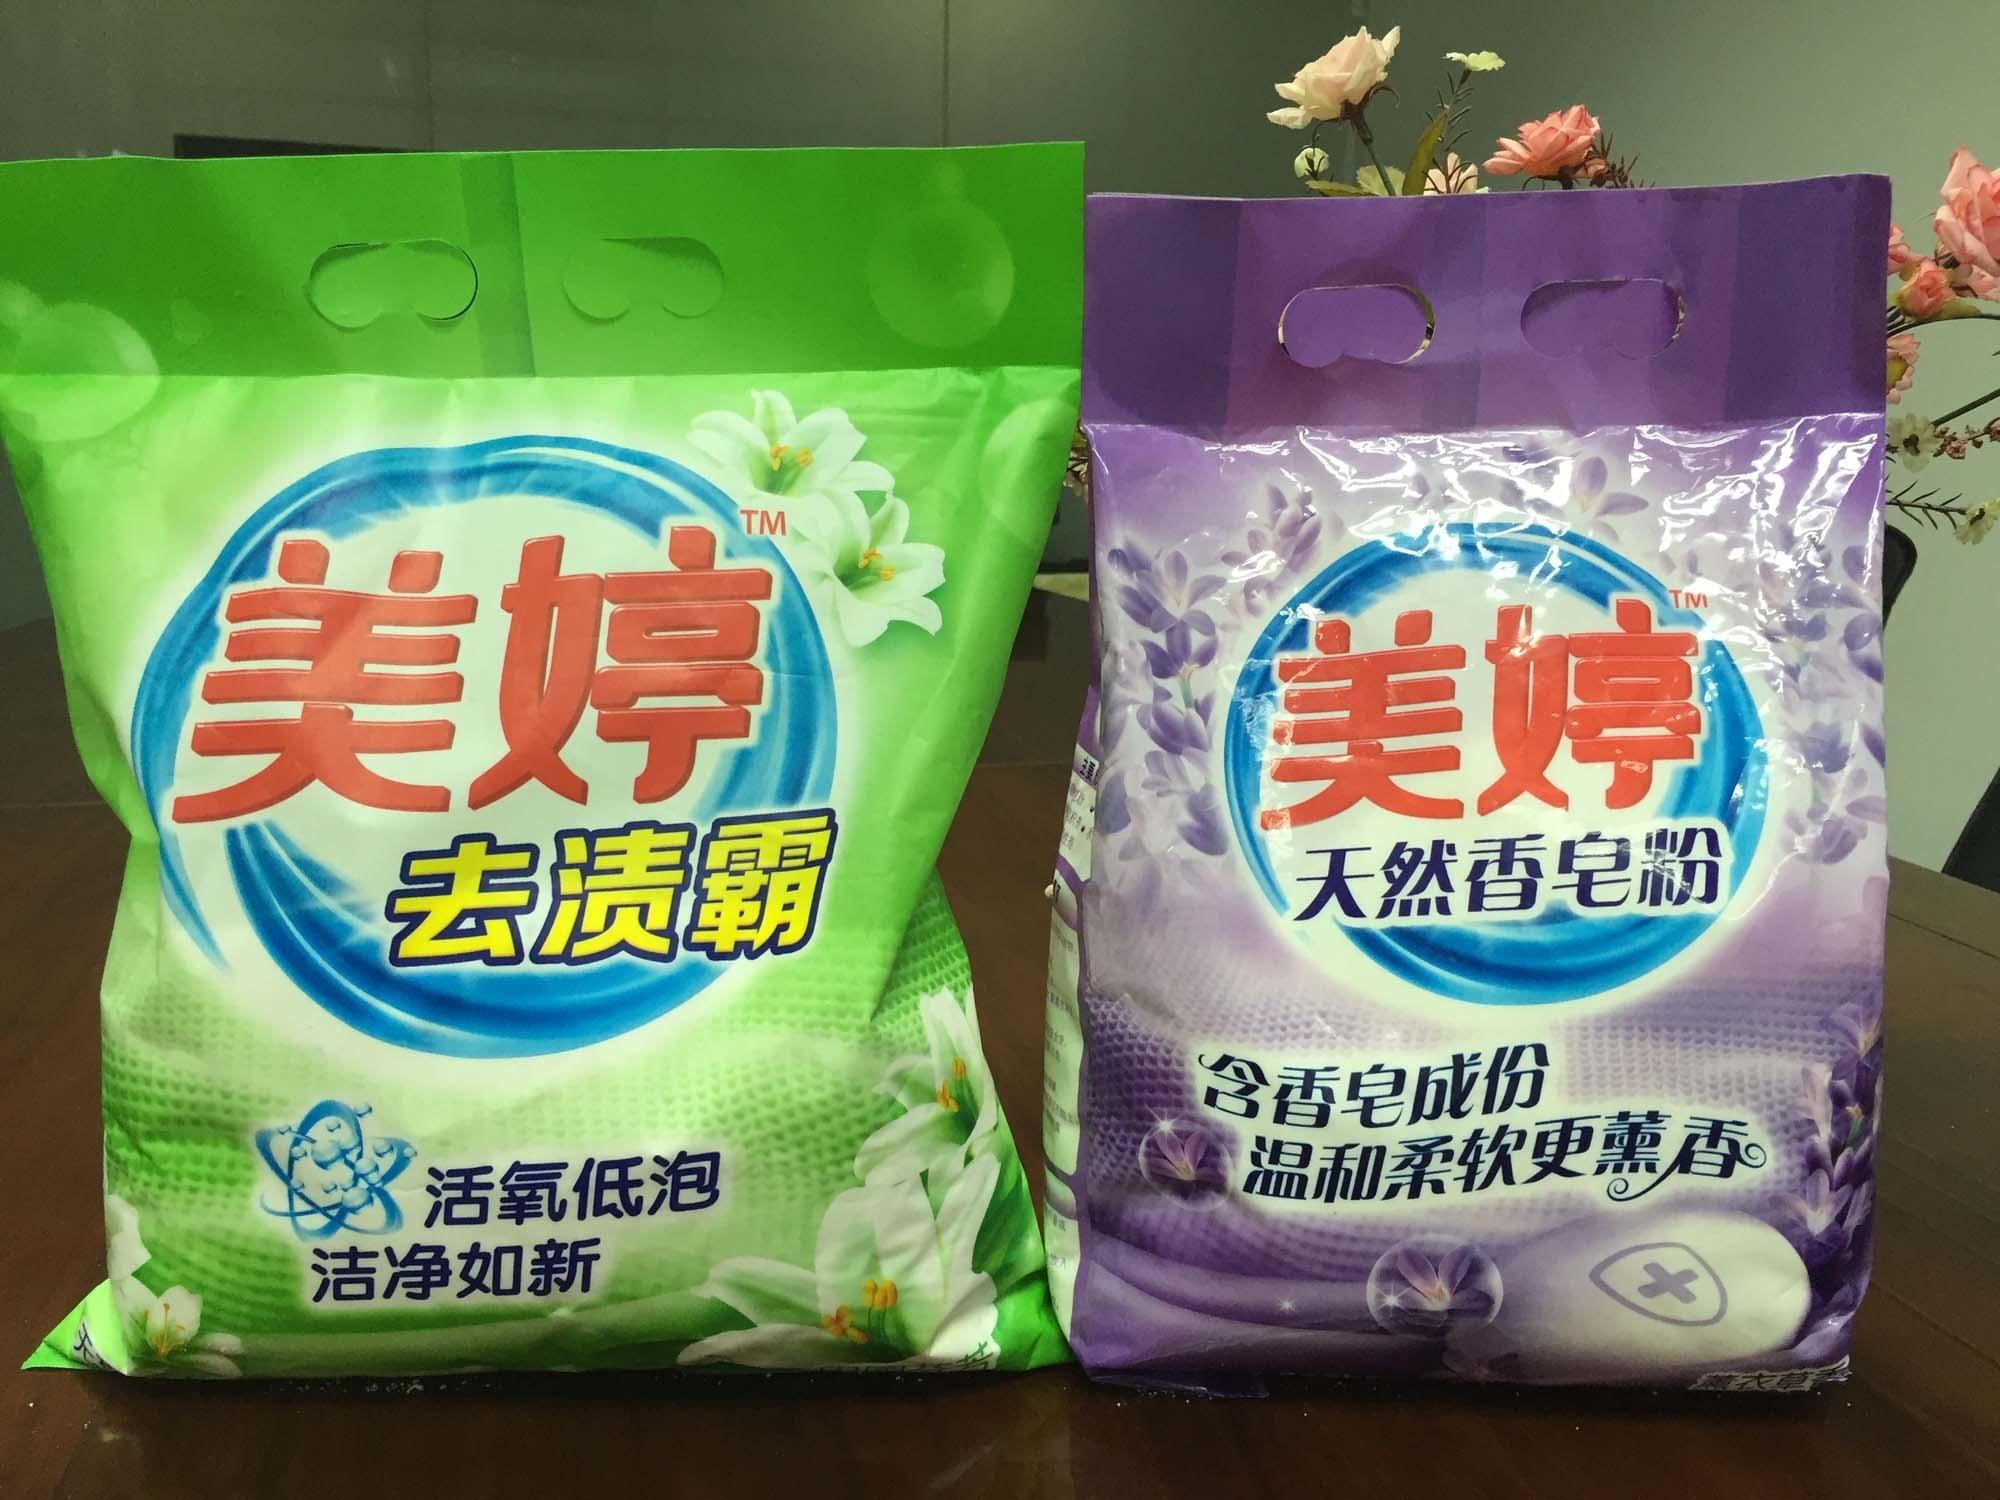 Handwashing Laundry Detergent Powder Supplier Good Price